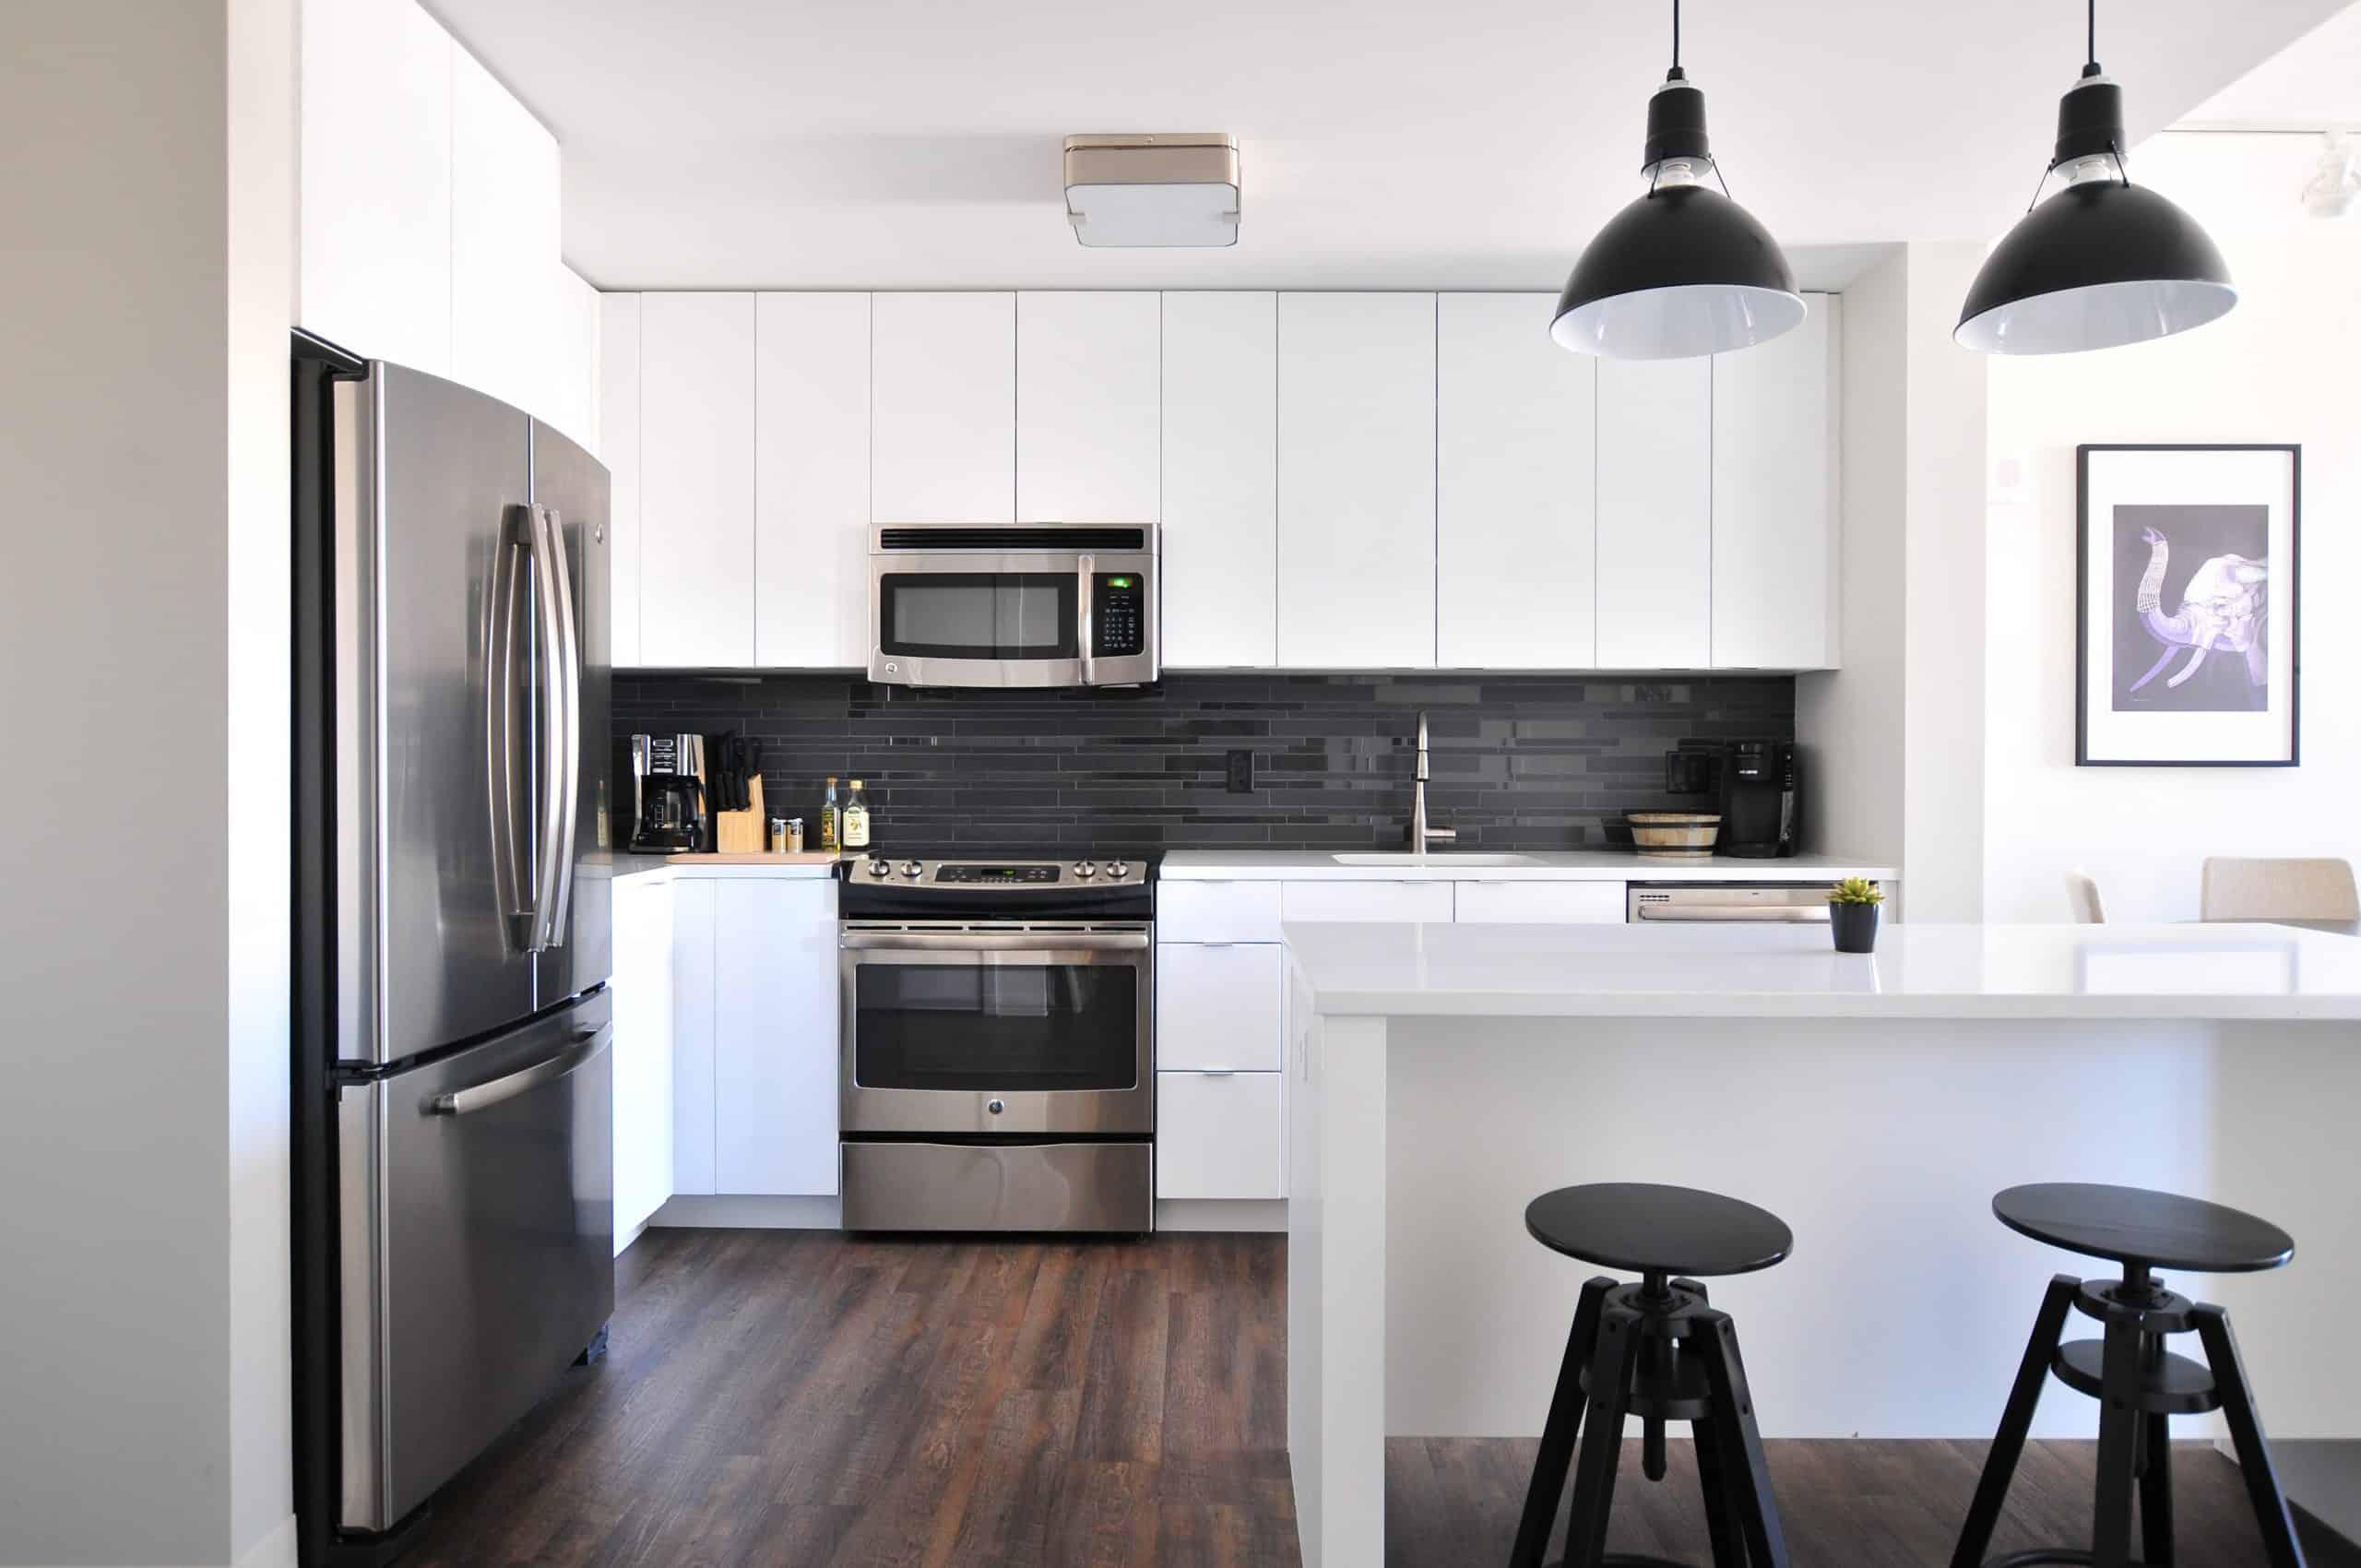 white kitchen with black backsplash and white countertops